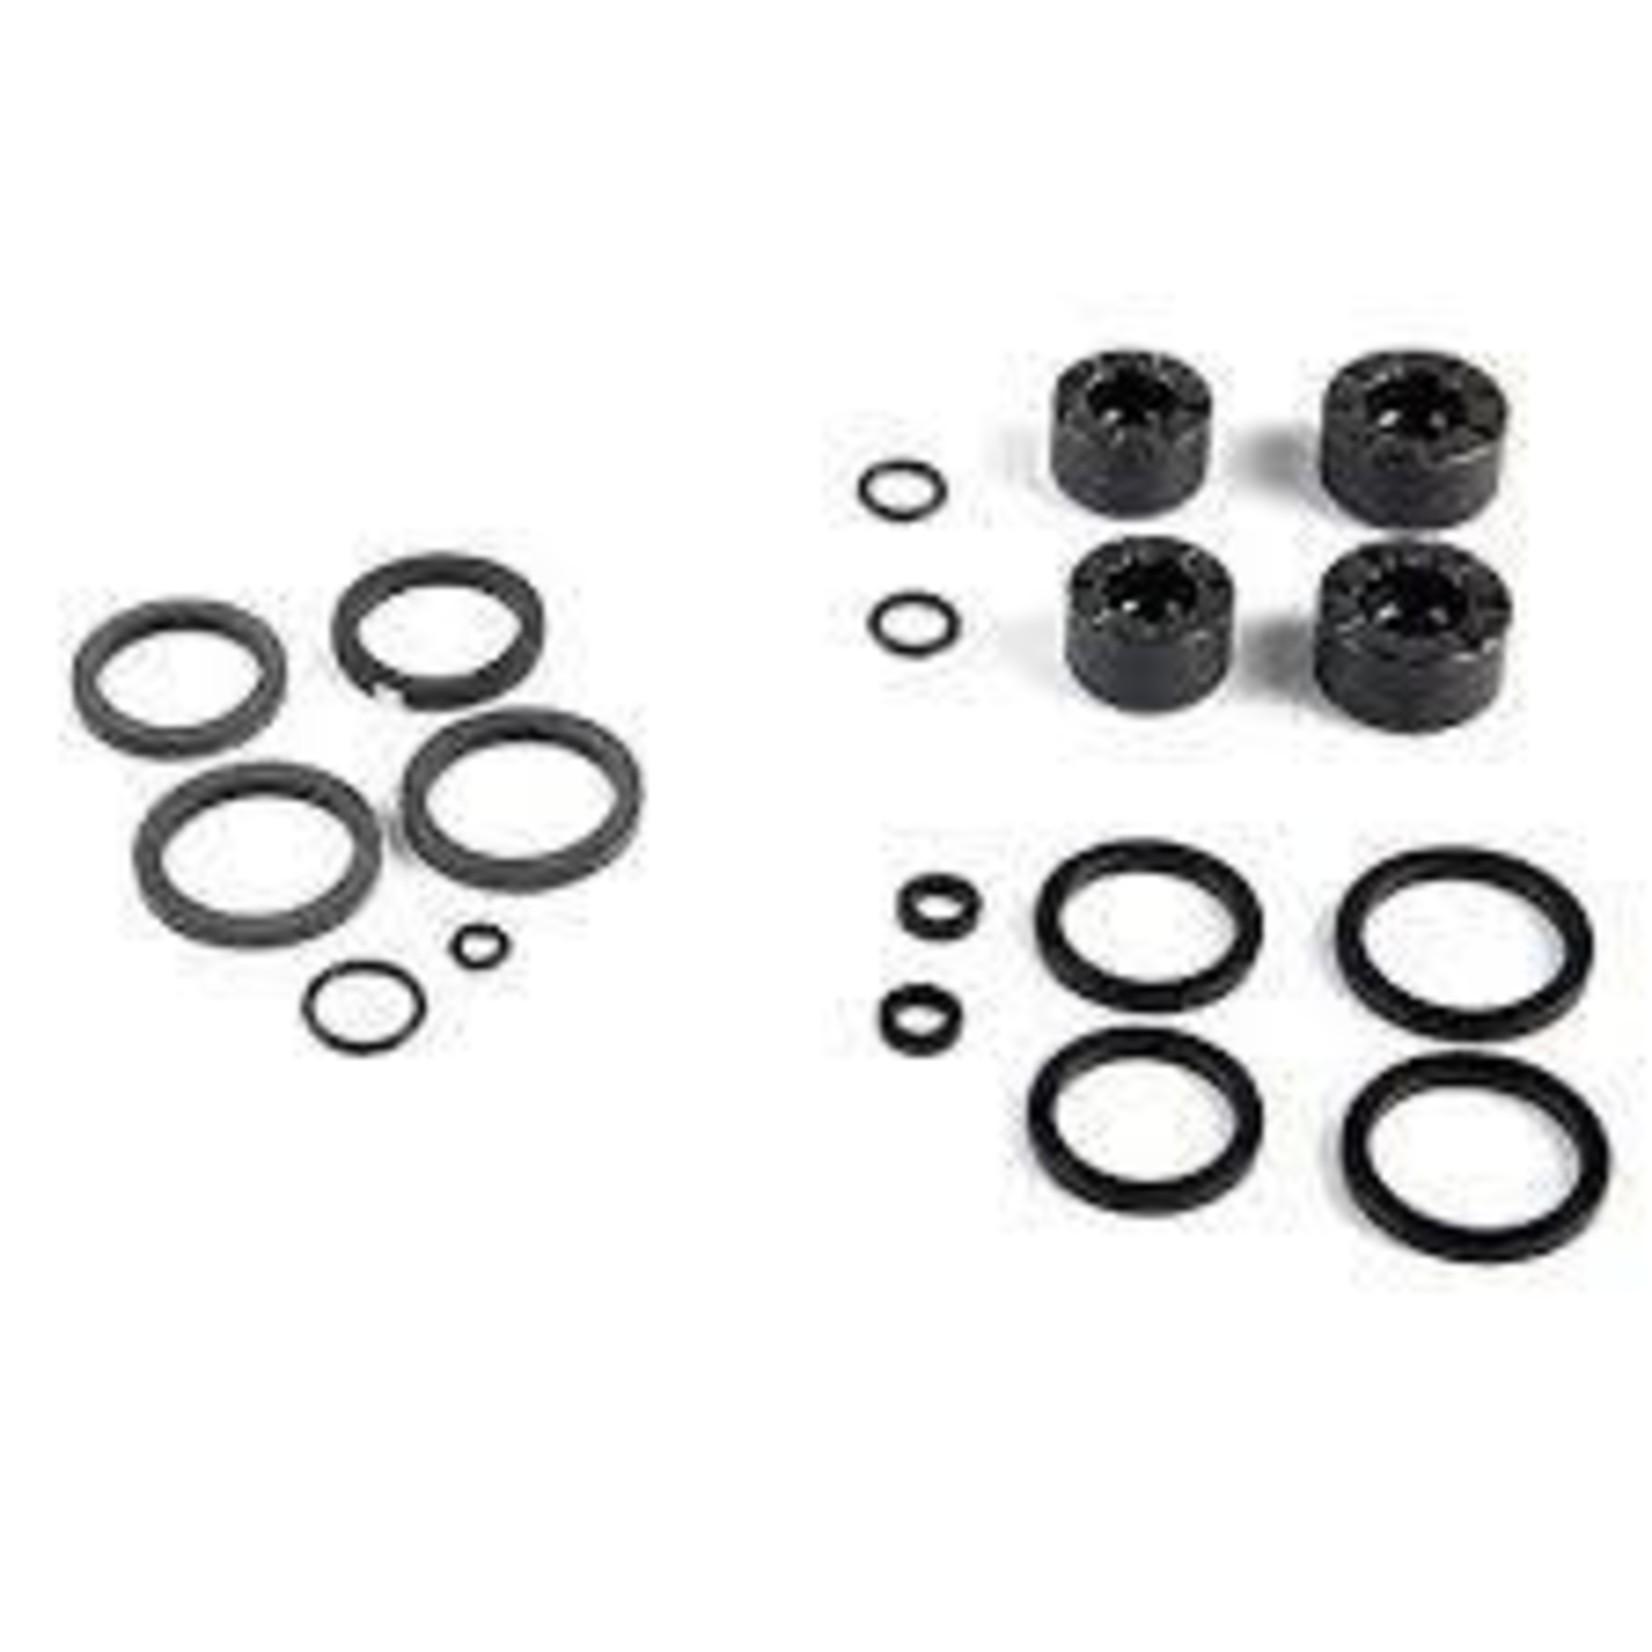 SRAM SRAM - kit pistoni e o-ring R/RS/RSC (A1-B1)